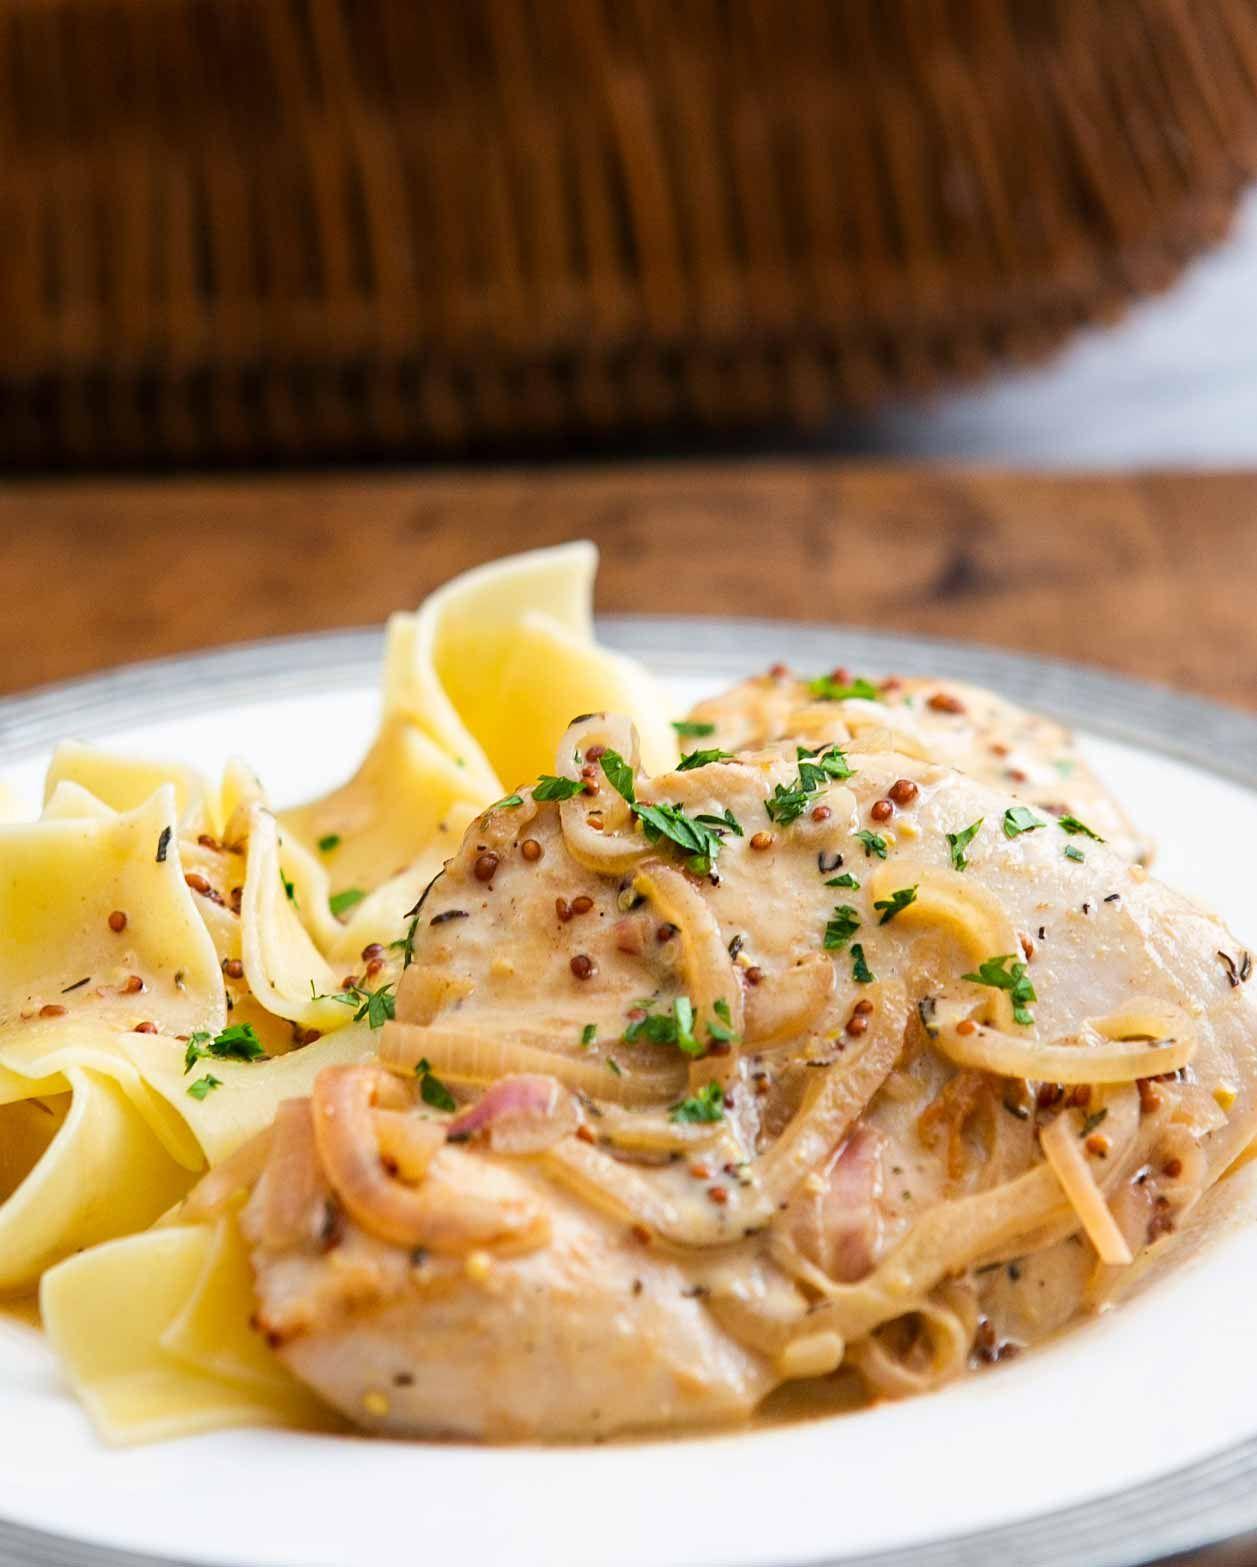 Creamy Dijon Mustard Chicken Recipe Simplyrecipes Com Recipe Mustard Chicken Recipes Dijon Chicken Dijon Mustard Chicken